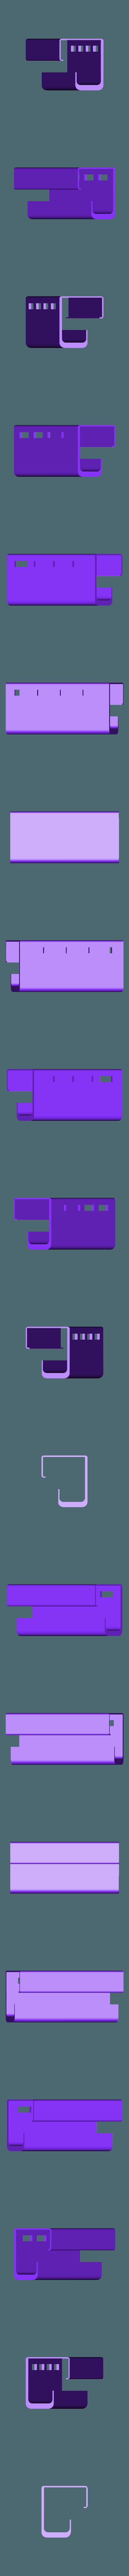 USB_Hub_Mount_4_v1-0.STL Télécharger fichier STL gratuit Montage du concentrateur USB RigidBot • Objet à imprimer en 3D, WalterHsiao